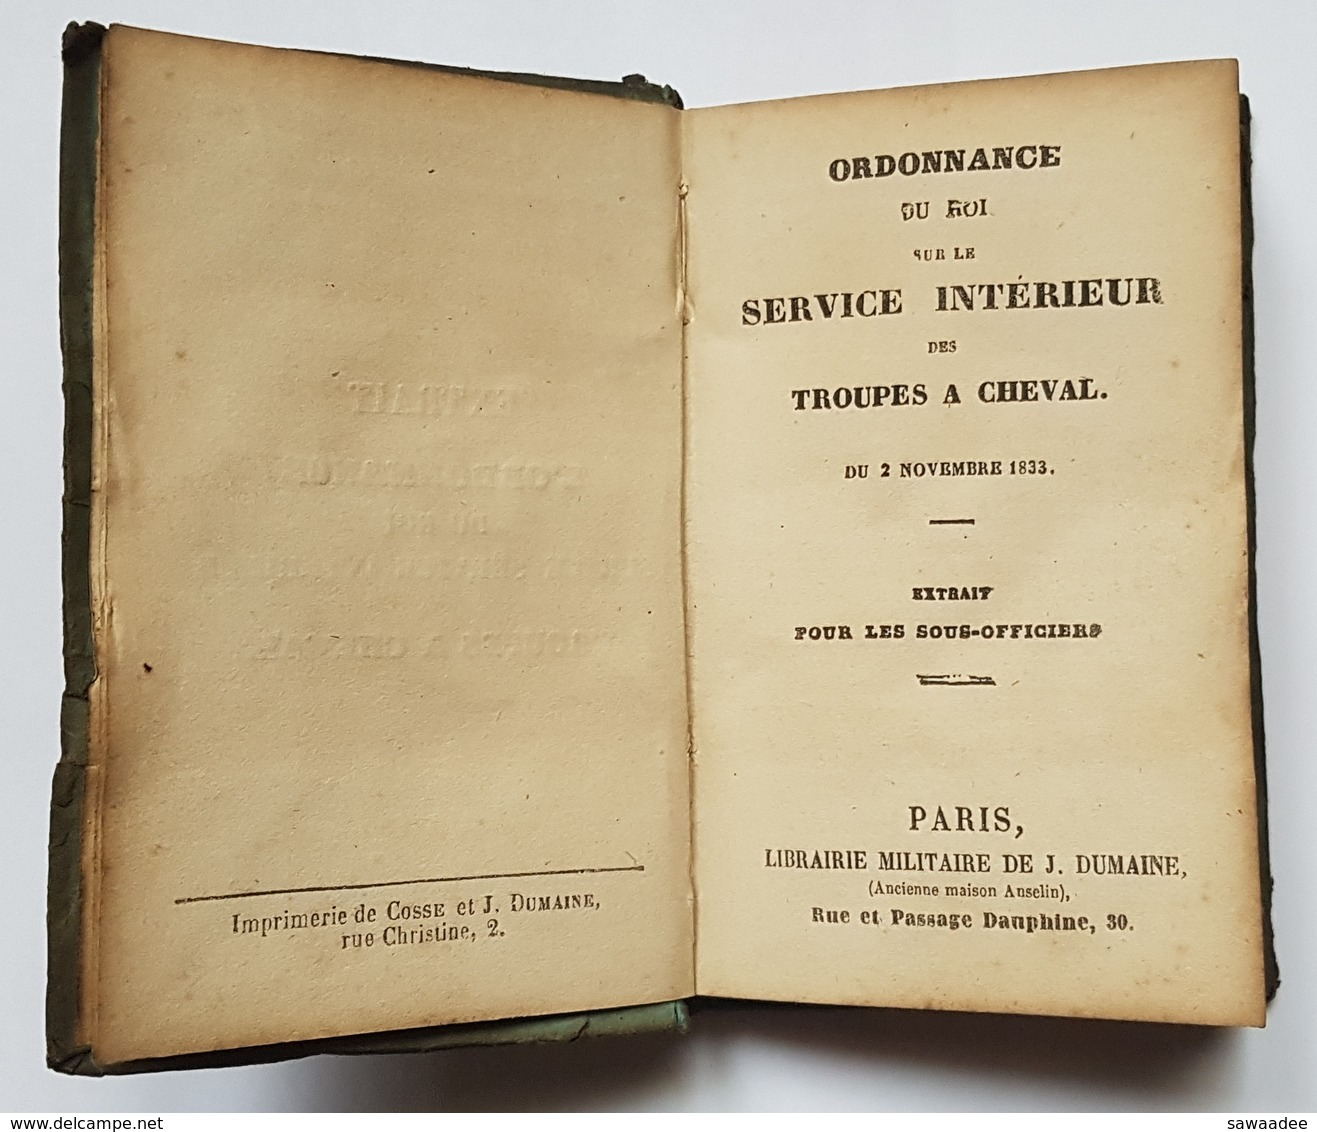 LIVRE - EXTRAIT DE L'ORDONNANCE DU ROI SUR LE SERVICE INTERIEUR DES TROUPES A CHEVAL - POUR LES SOUS OFFICIERS - Livres